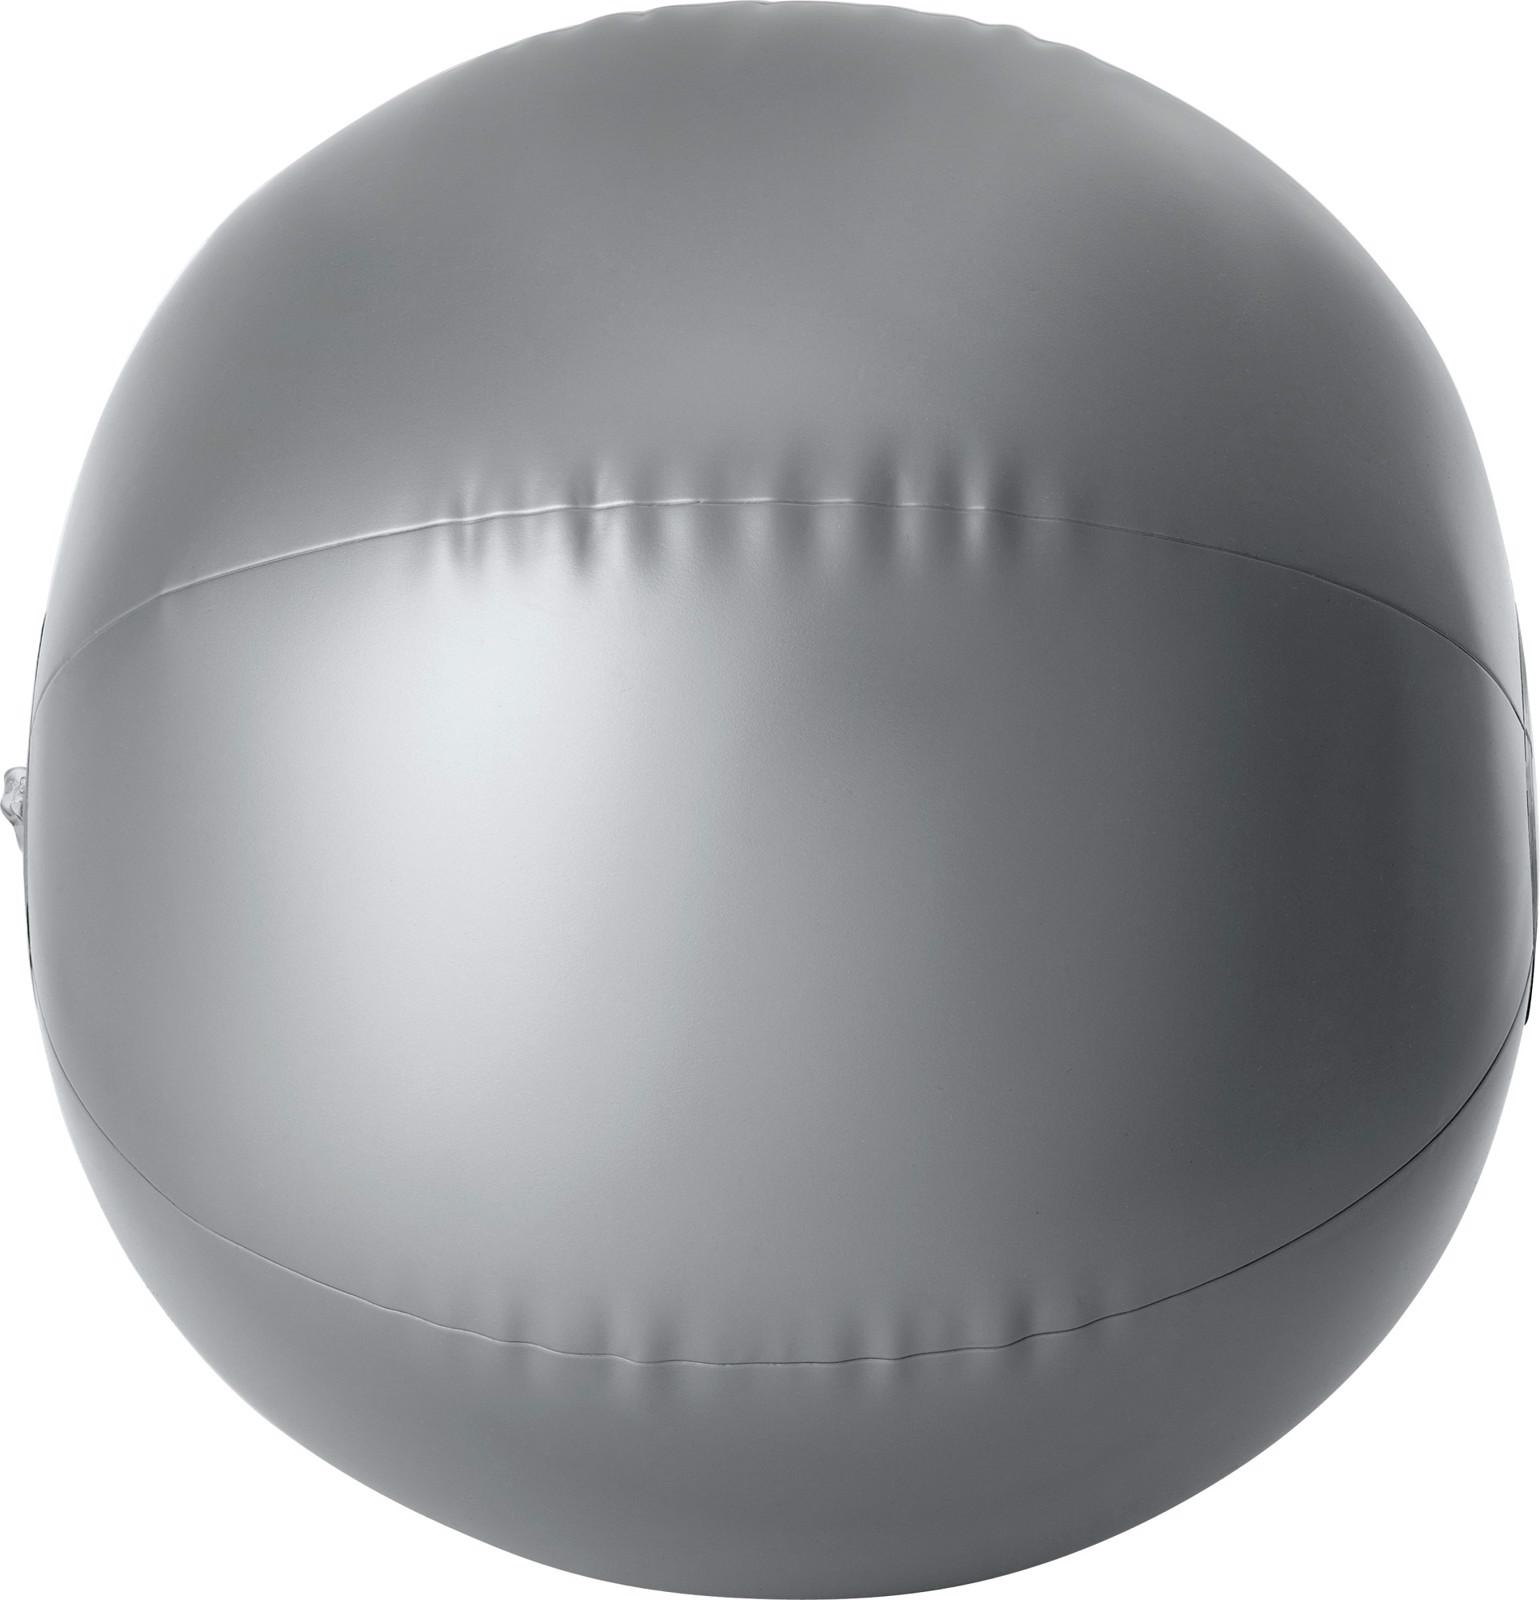 PVC beach ball - Silver